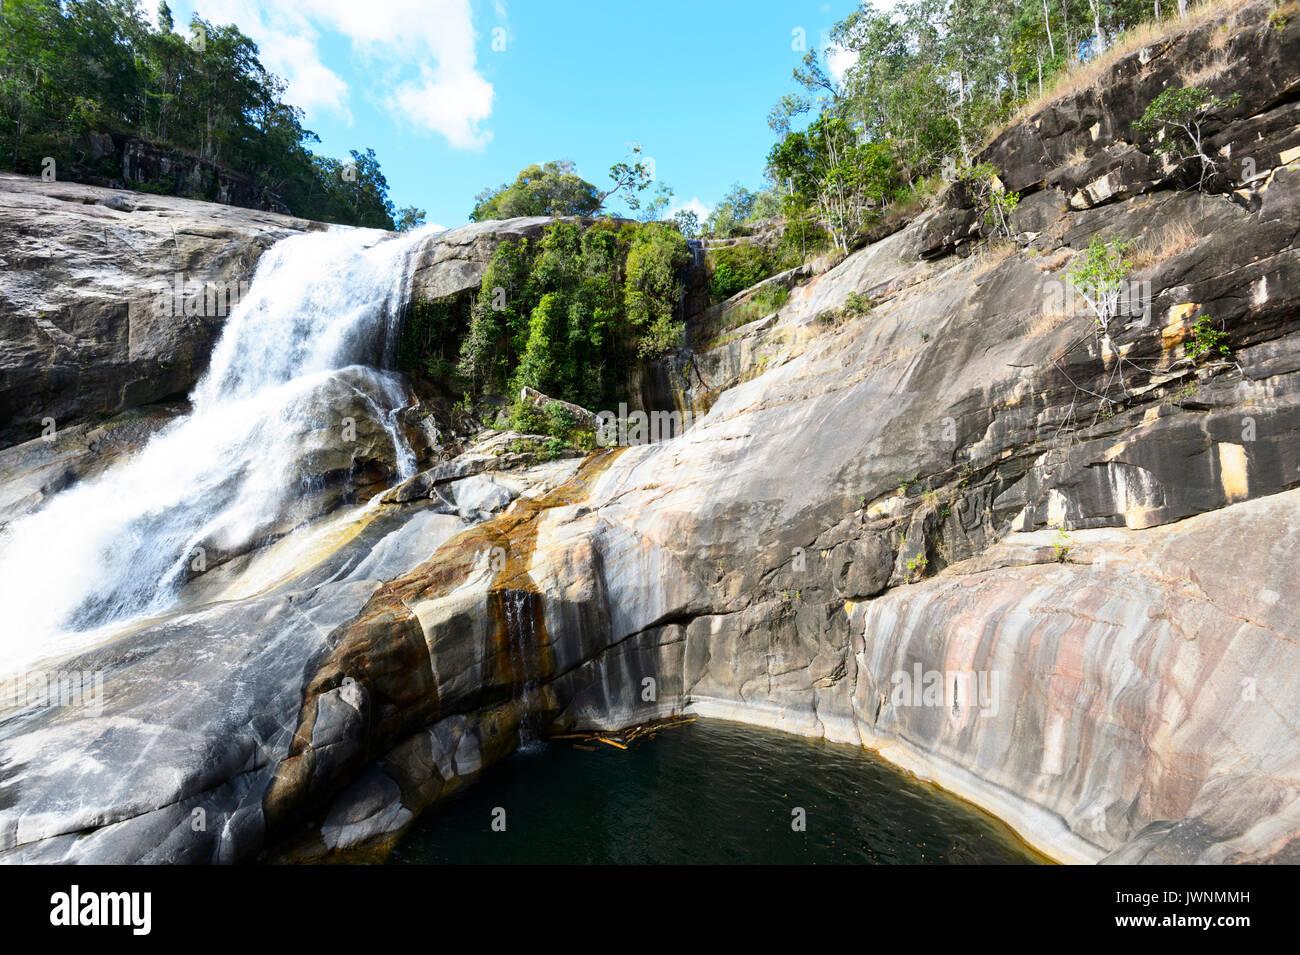 Ansicht der Unesco Weltkulturerbe Murray fällt, Girramay Nationalpark, Far North Queensland, FNQ, QLD, Australien Stockbild